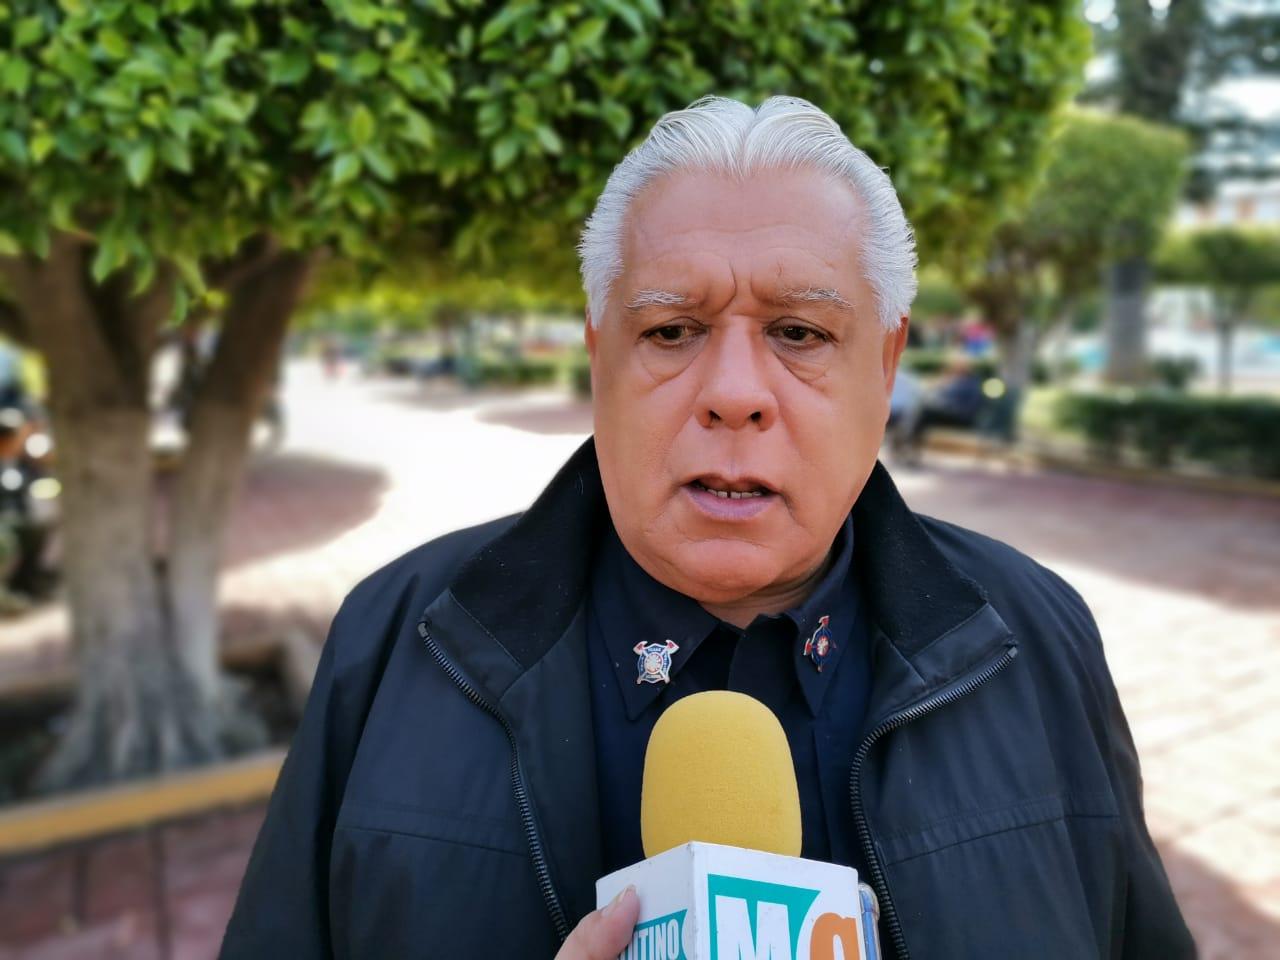 Pablo Basulto Mares